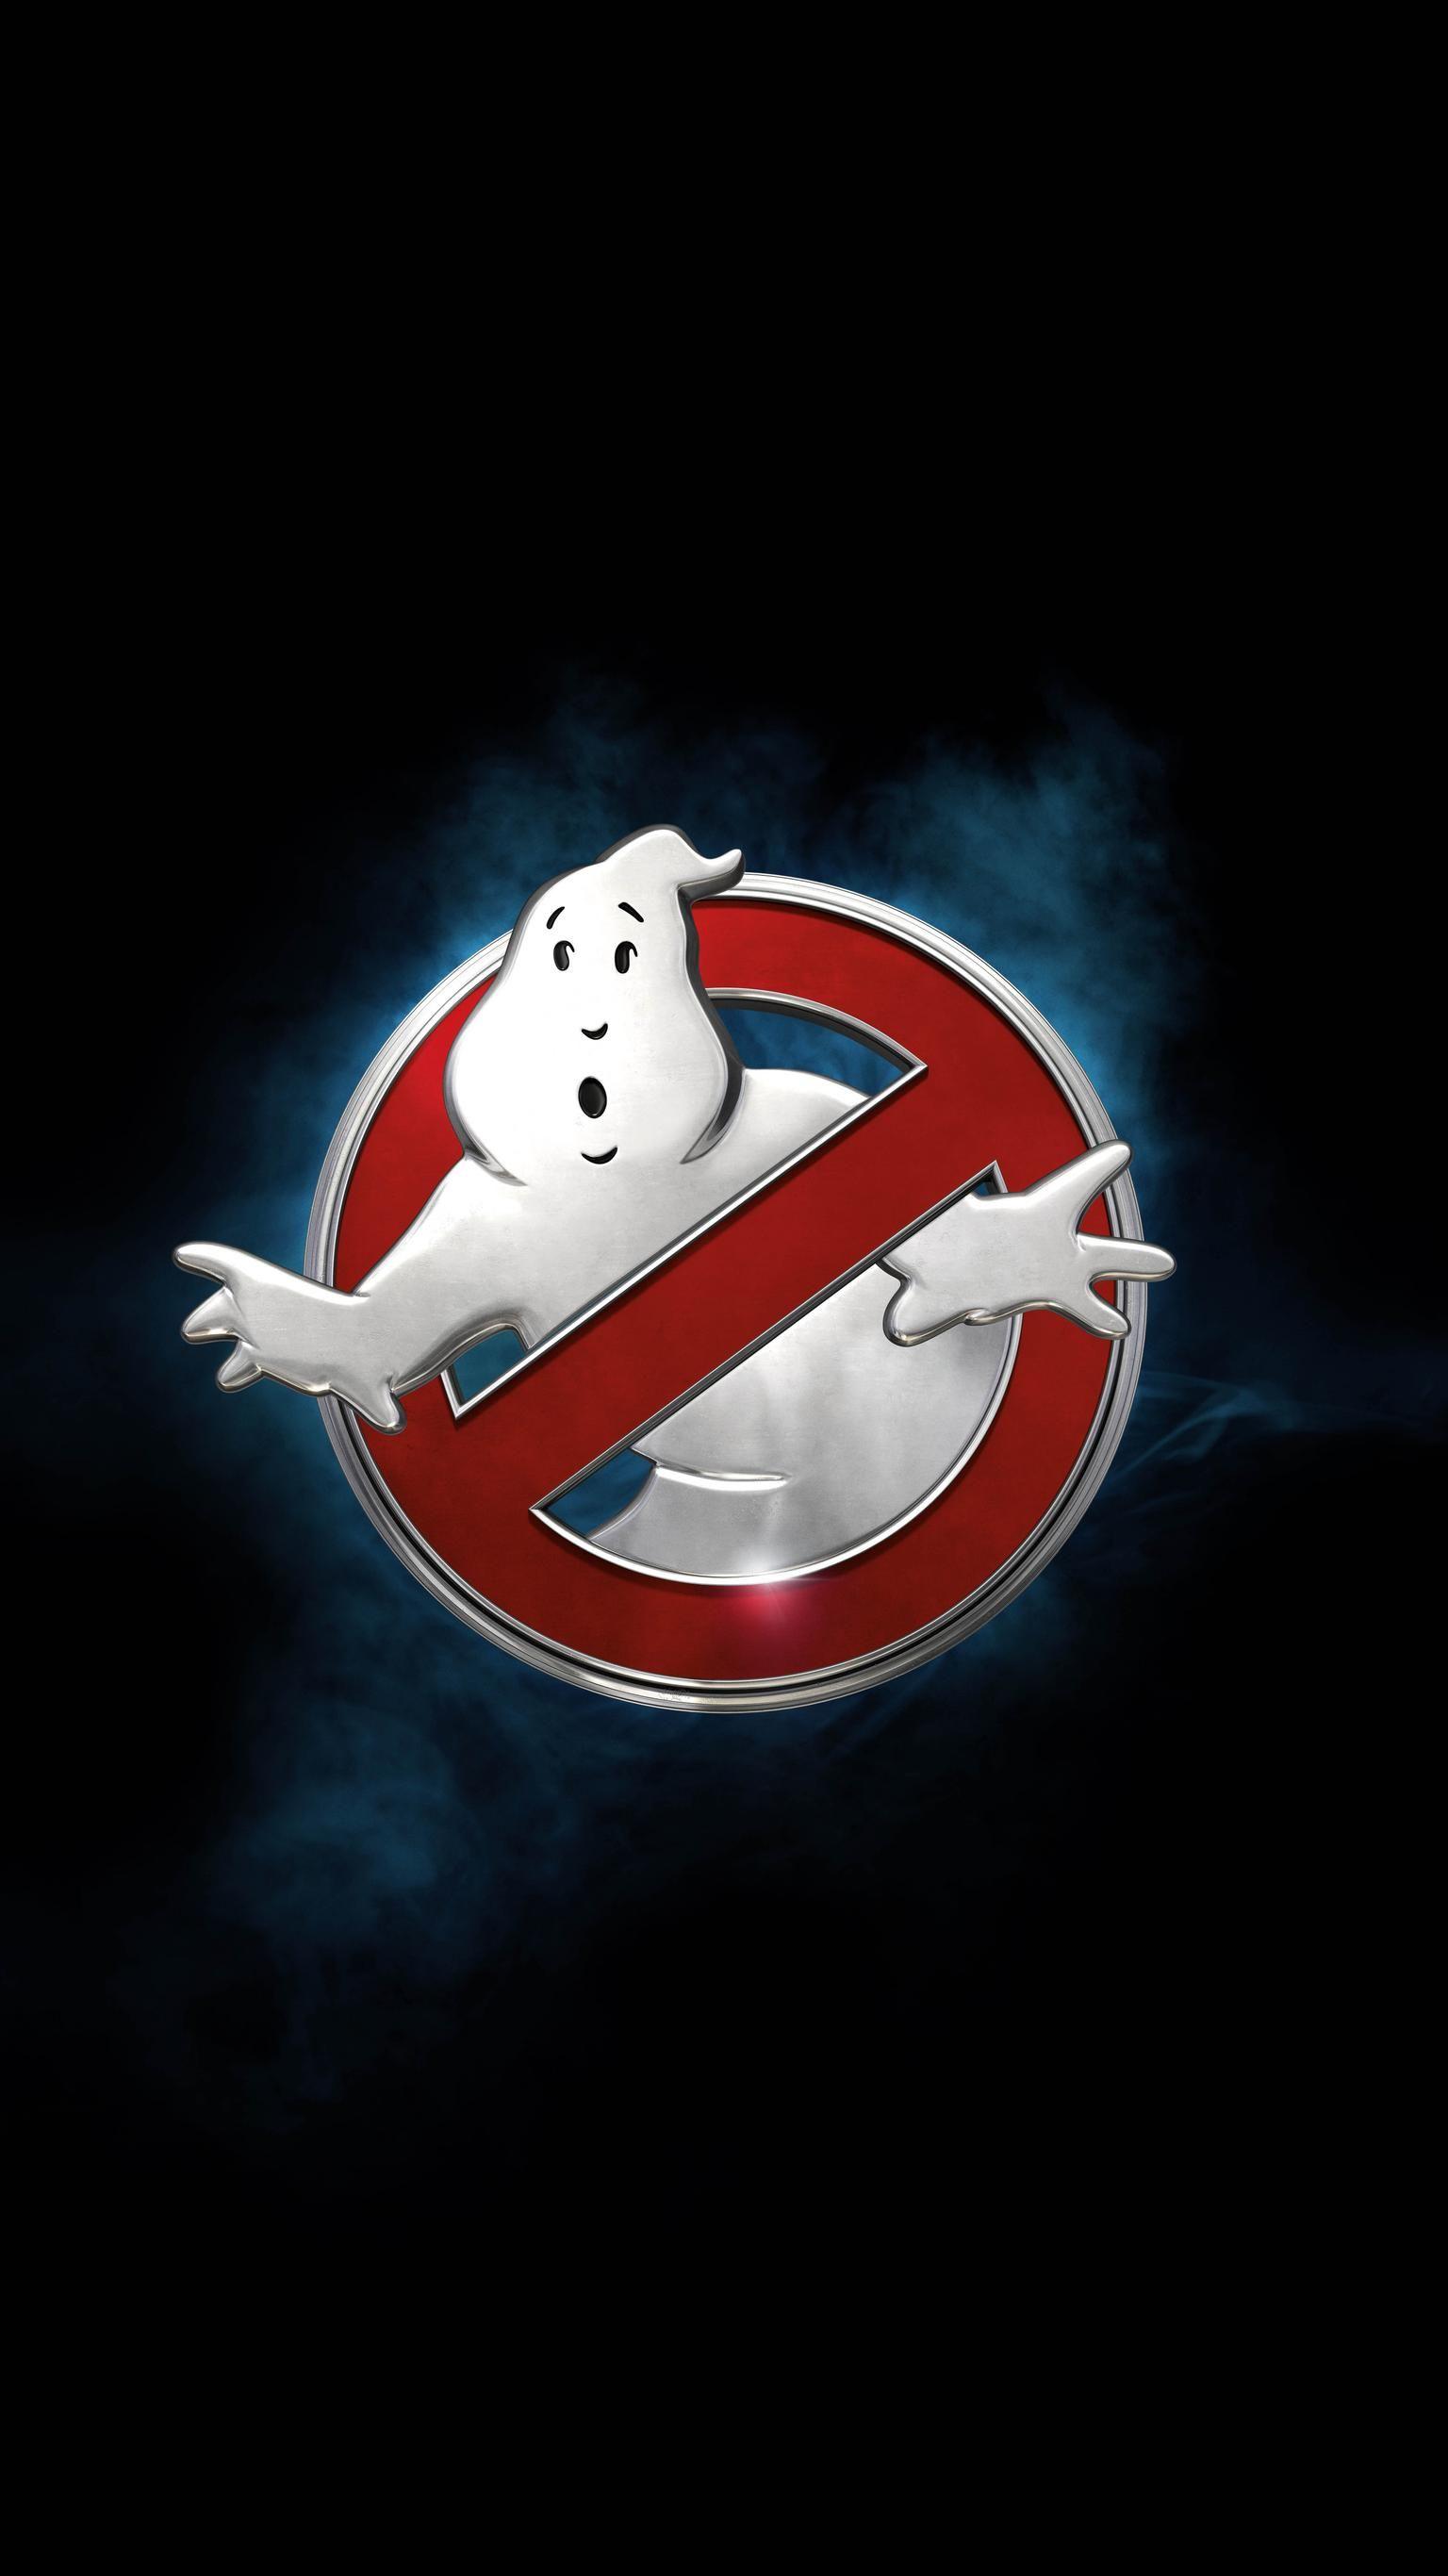 Ghostbusters 16 Phone Wallpaper Com Imagens Caca Fantasmas Os Caca Fantasmas Papeis De Parede Animados